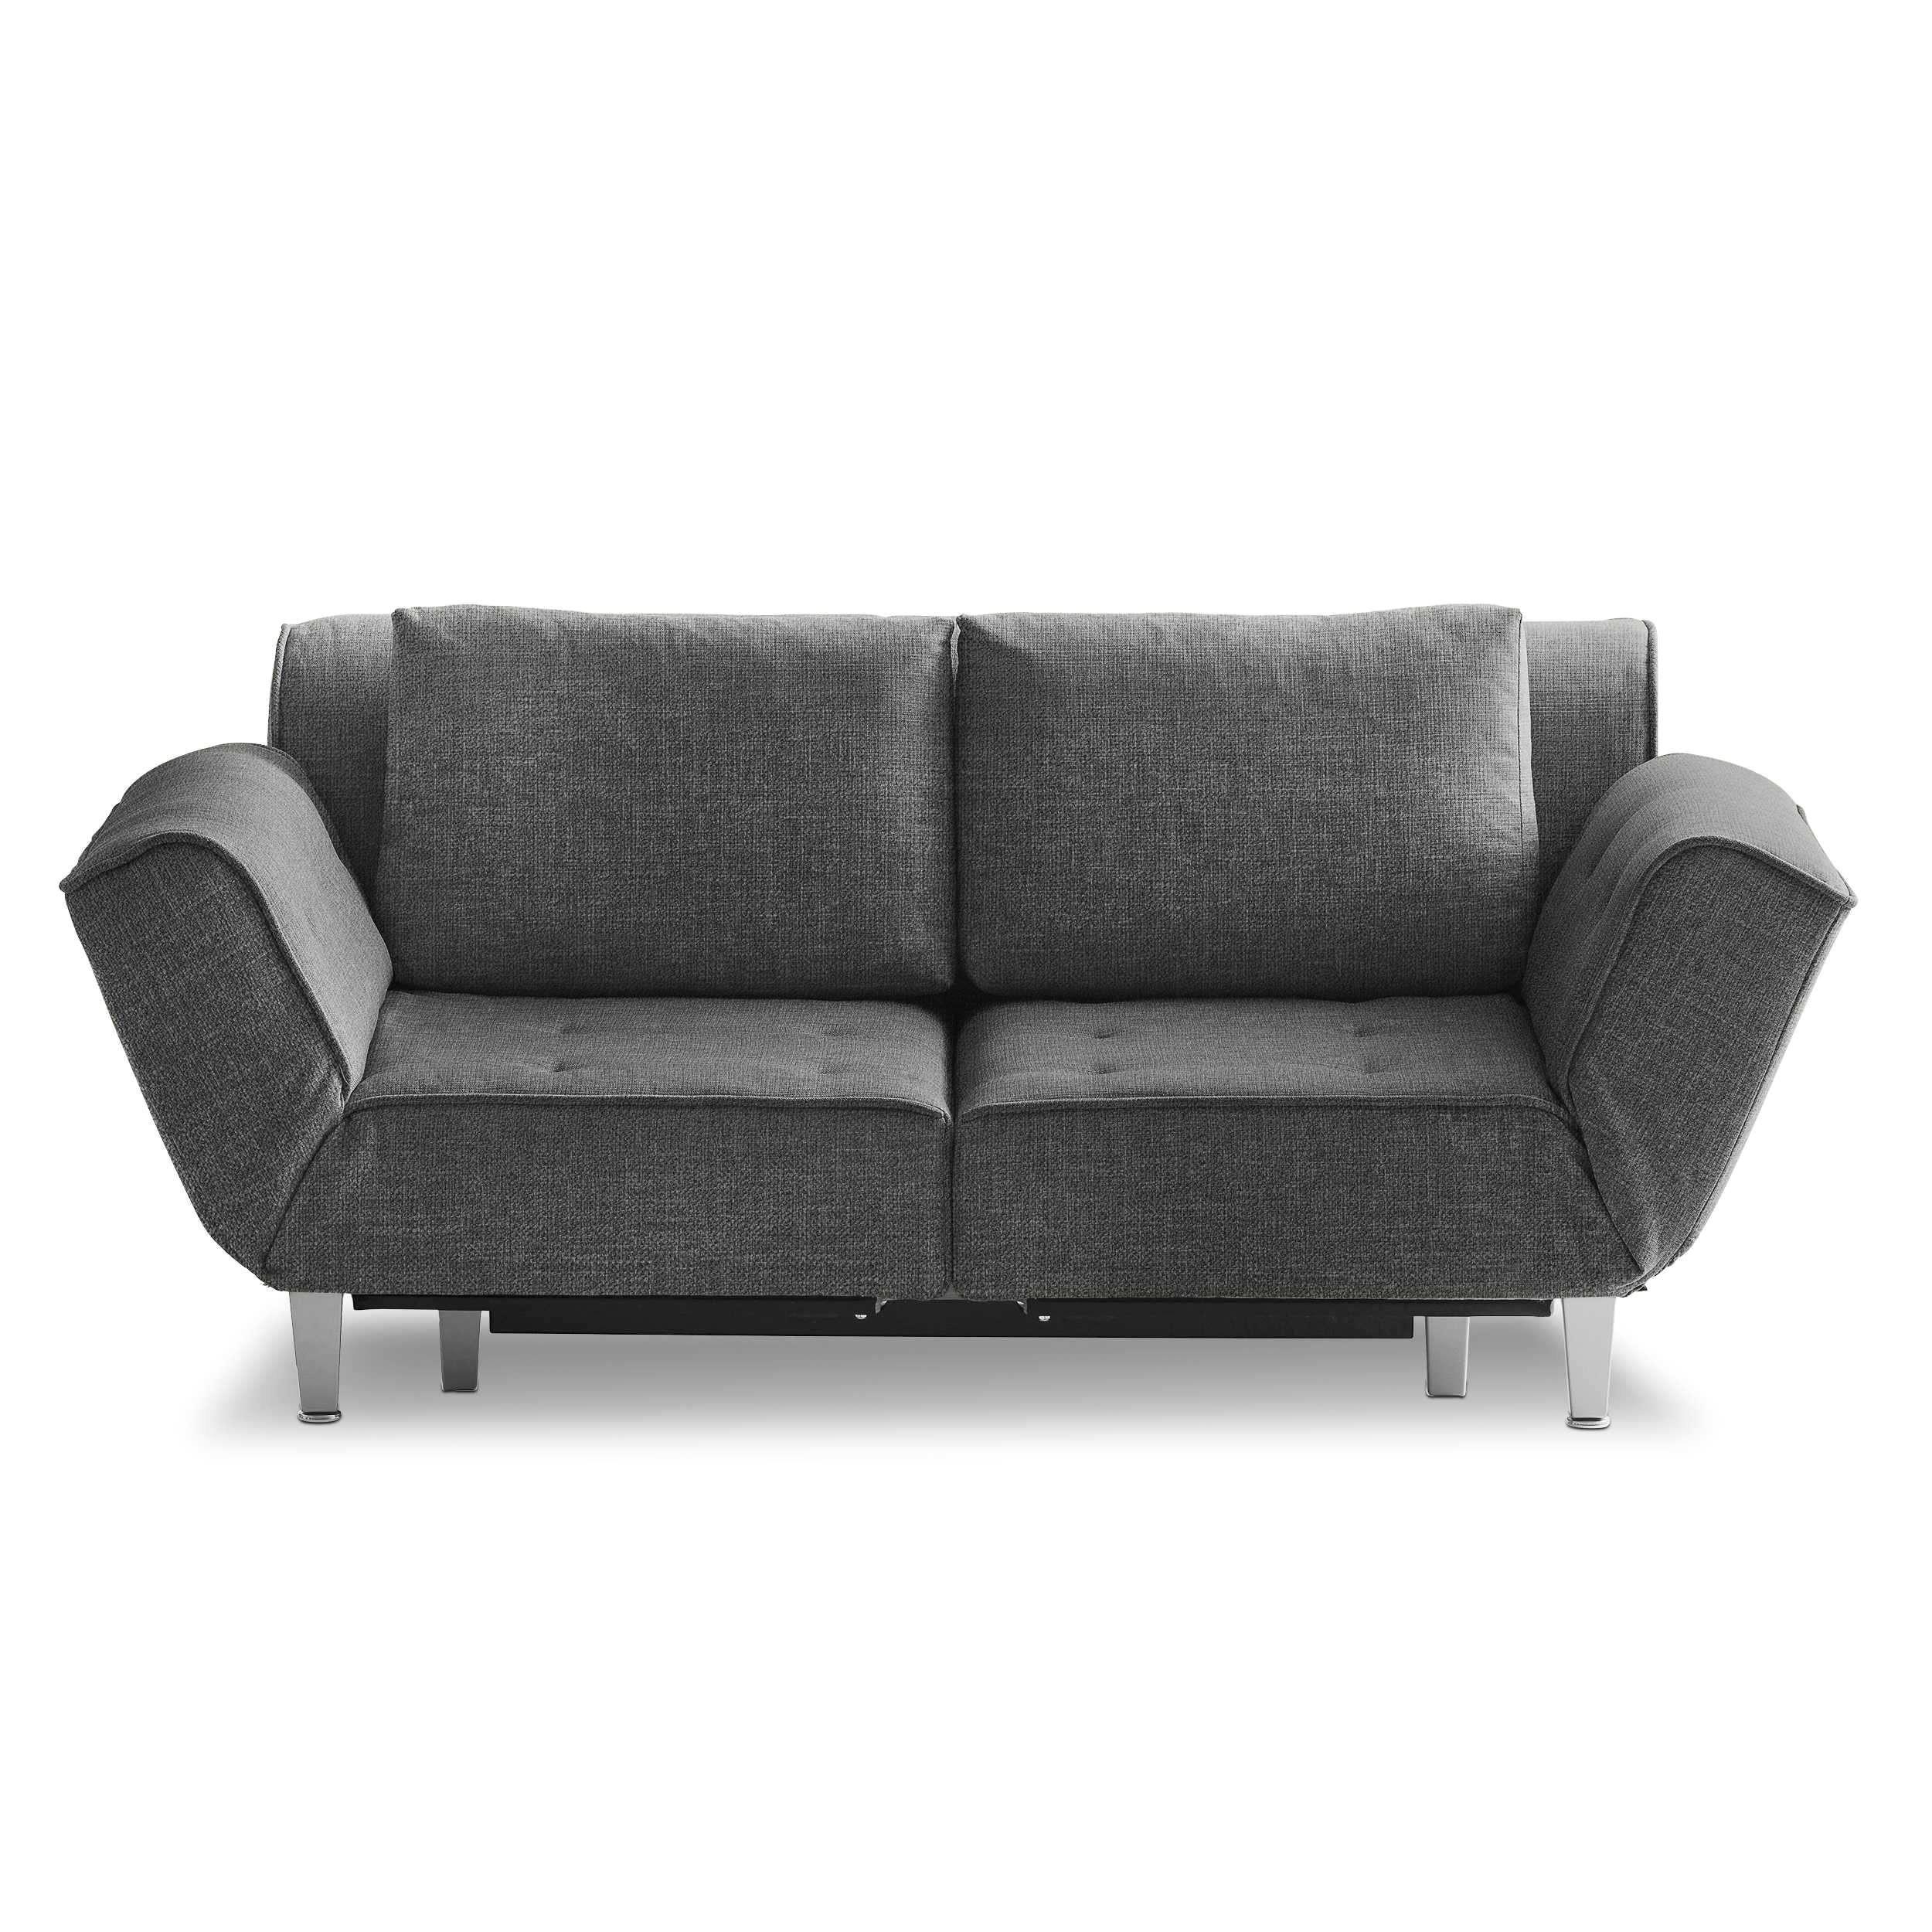 ikea kautsch inspirierend sofa grau stoff graue couch 0d archives zachary gray design von galerie